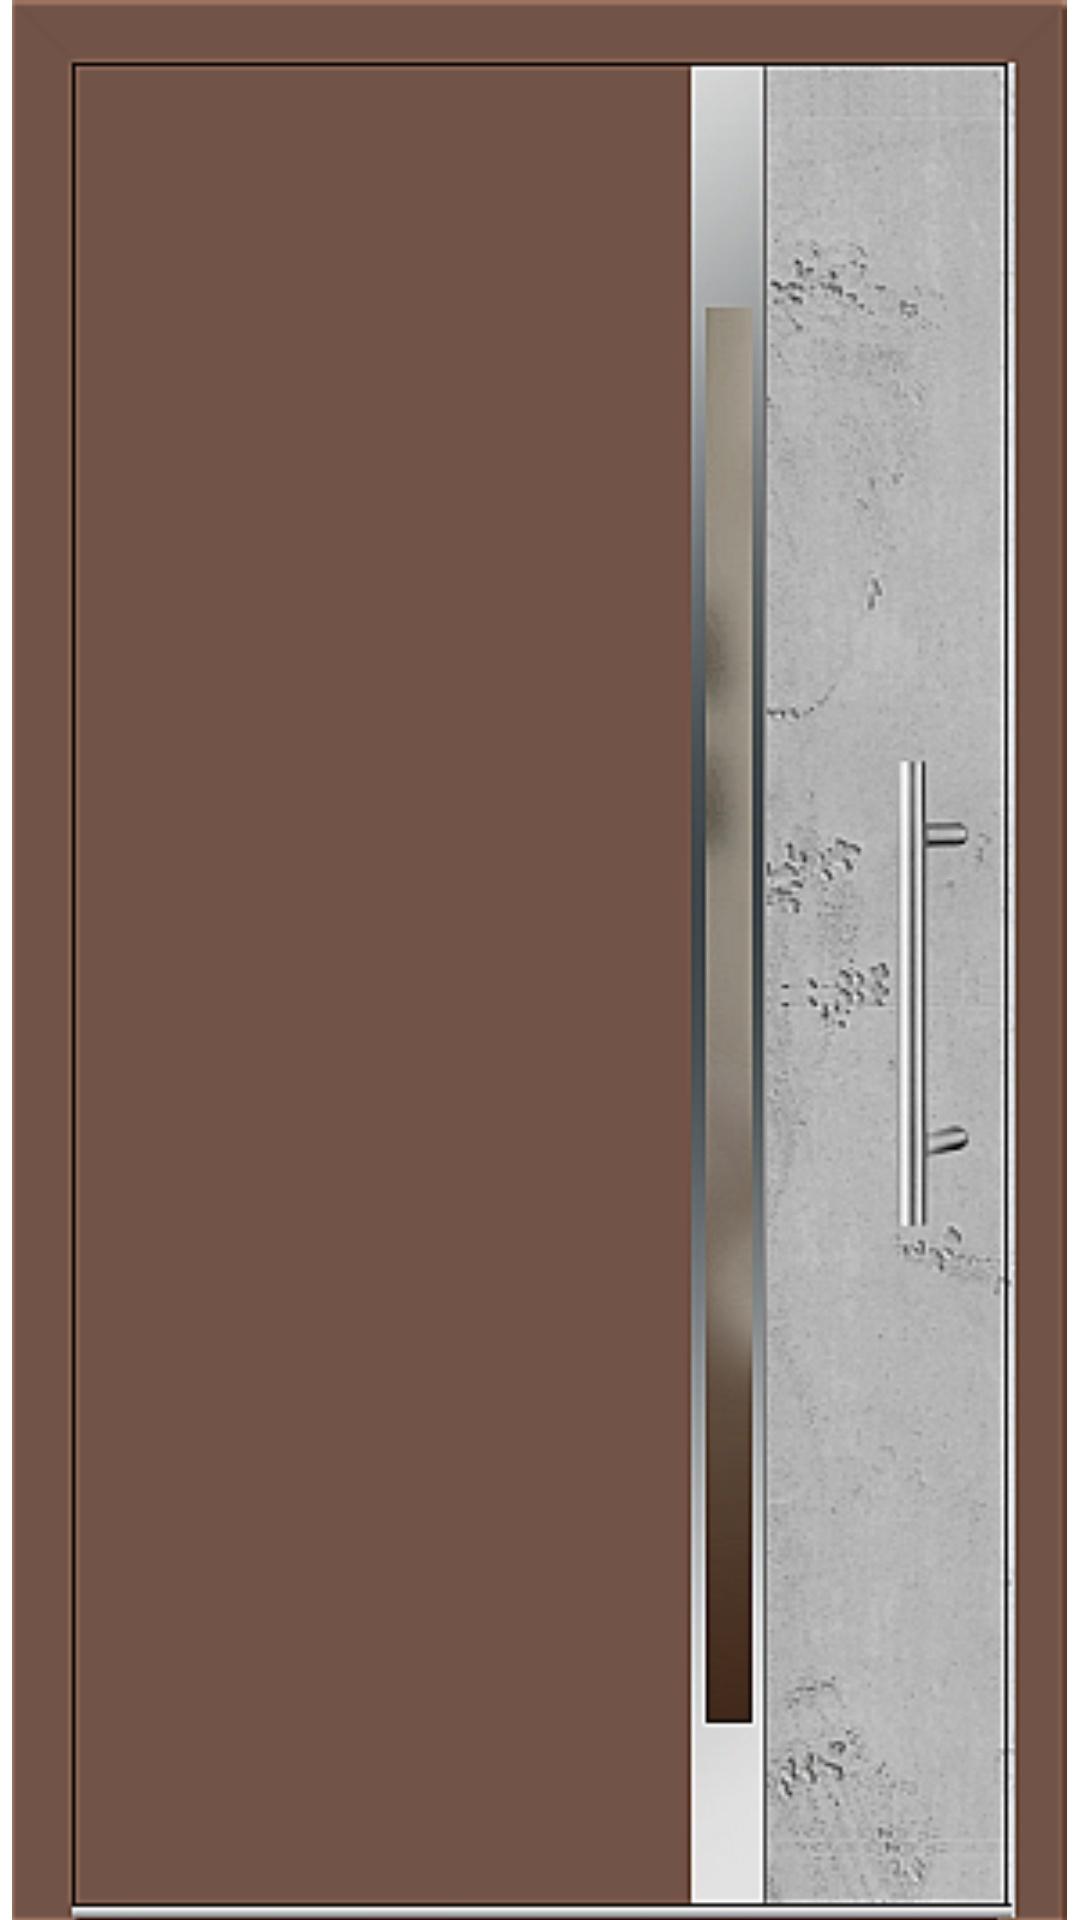 Aluminium Haustür Modell 6175-40 lehmbraun